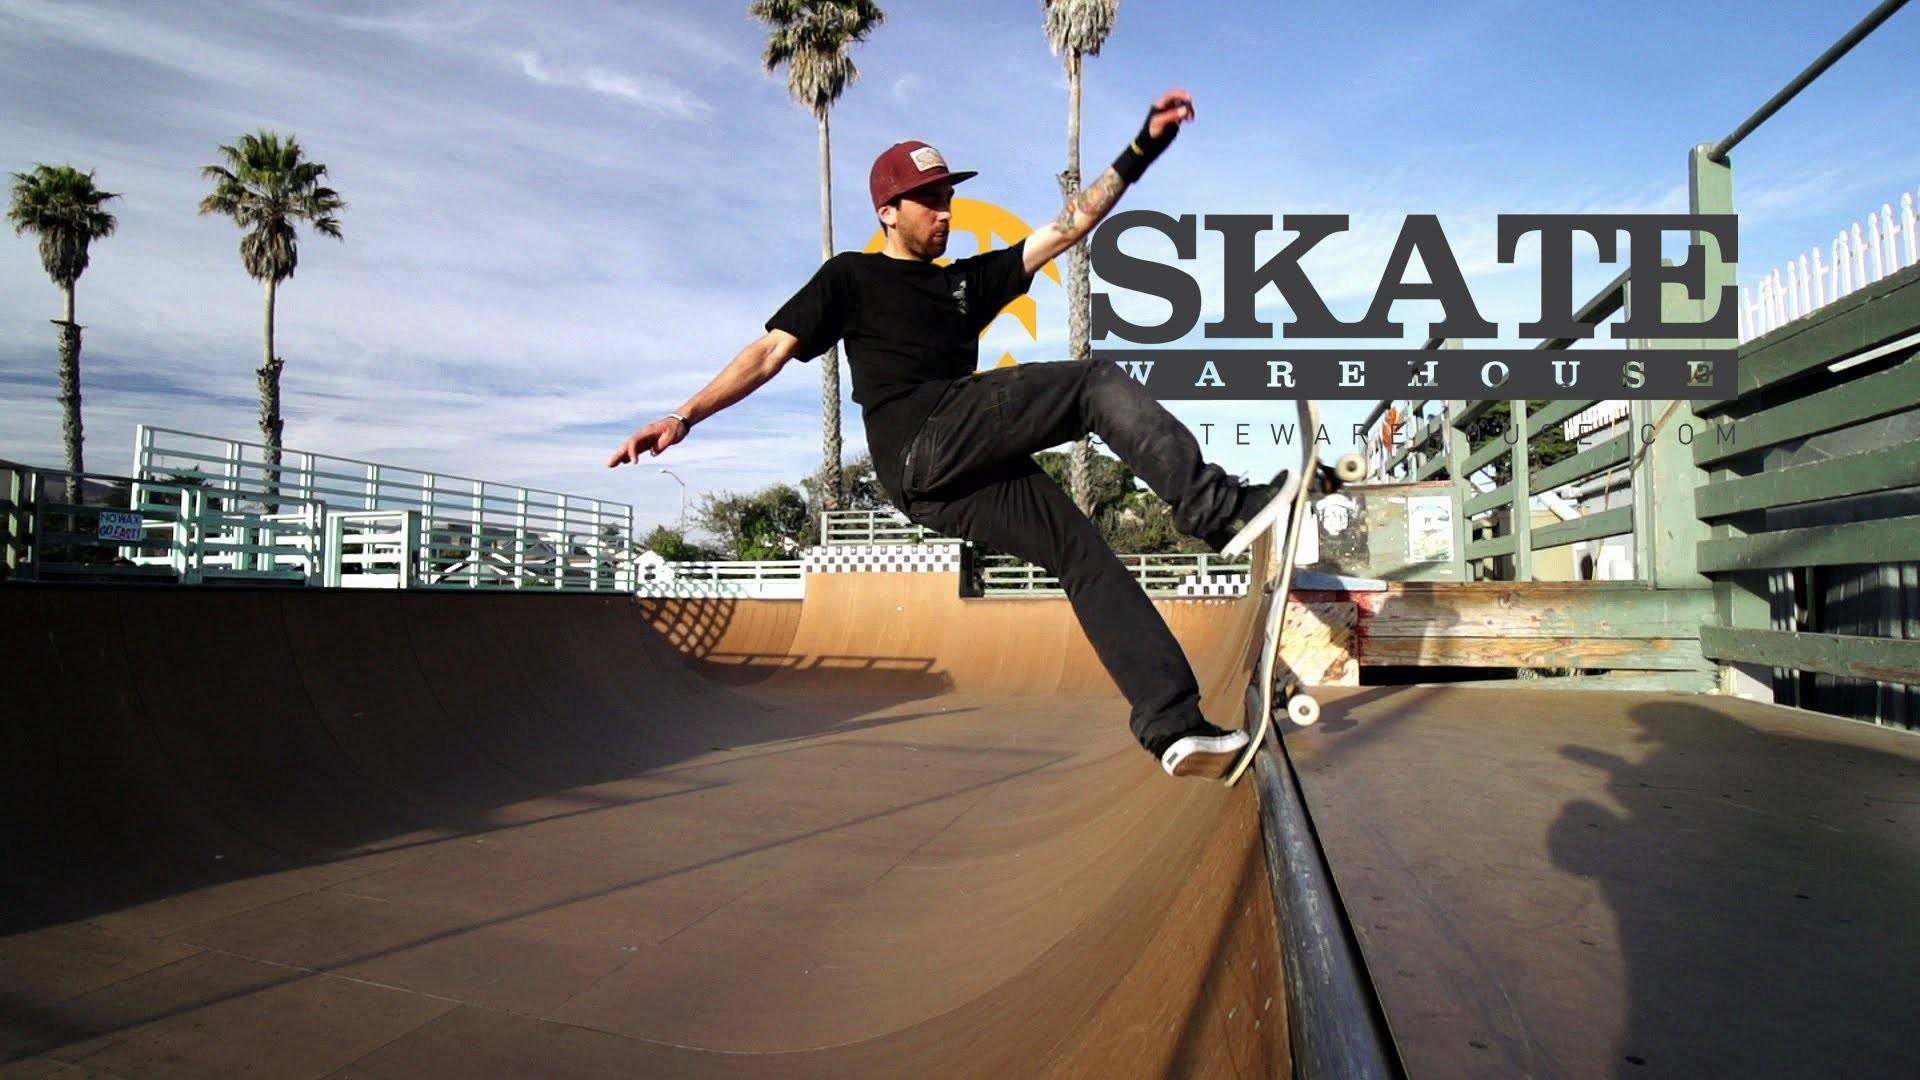 Skateboard Tricks Wallpapers Widescreen For Desktop Wallpaper 1920 x 1080  px 623.08 KB vans brand logos